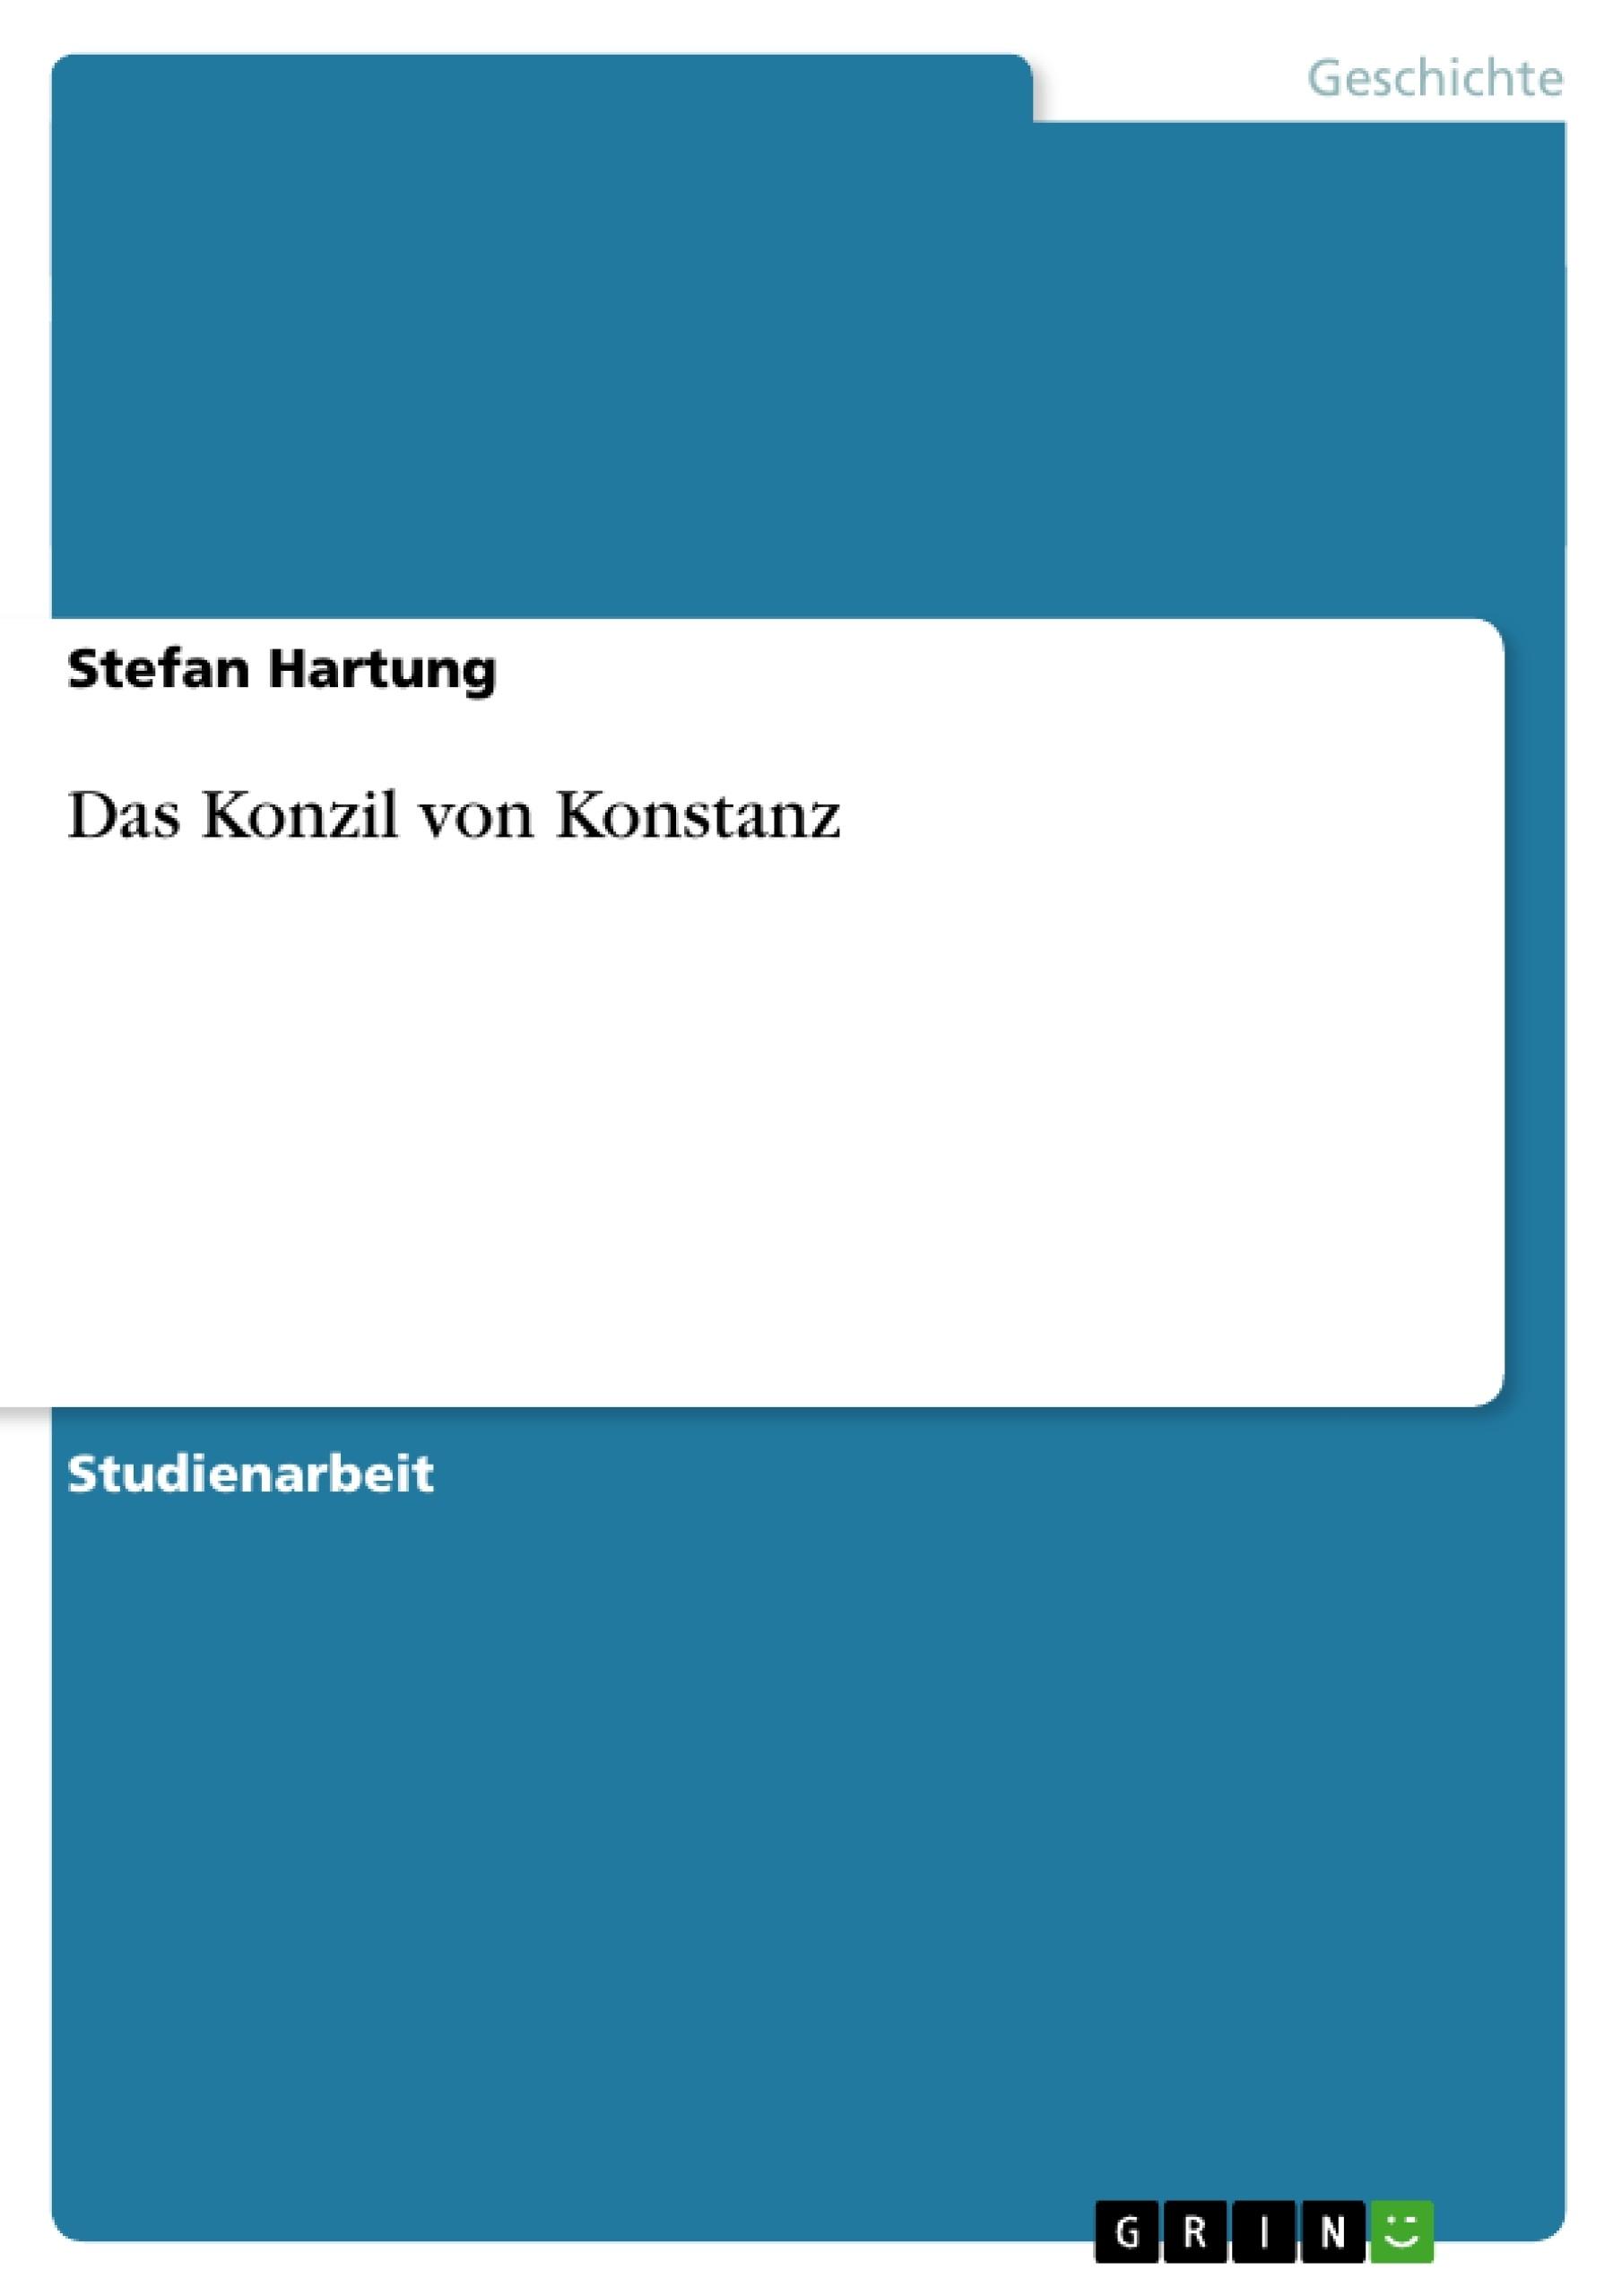 Titel: Das Konzil von Konstanz